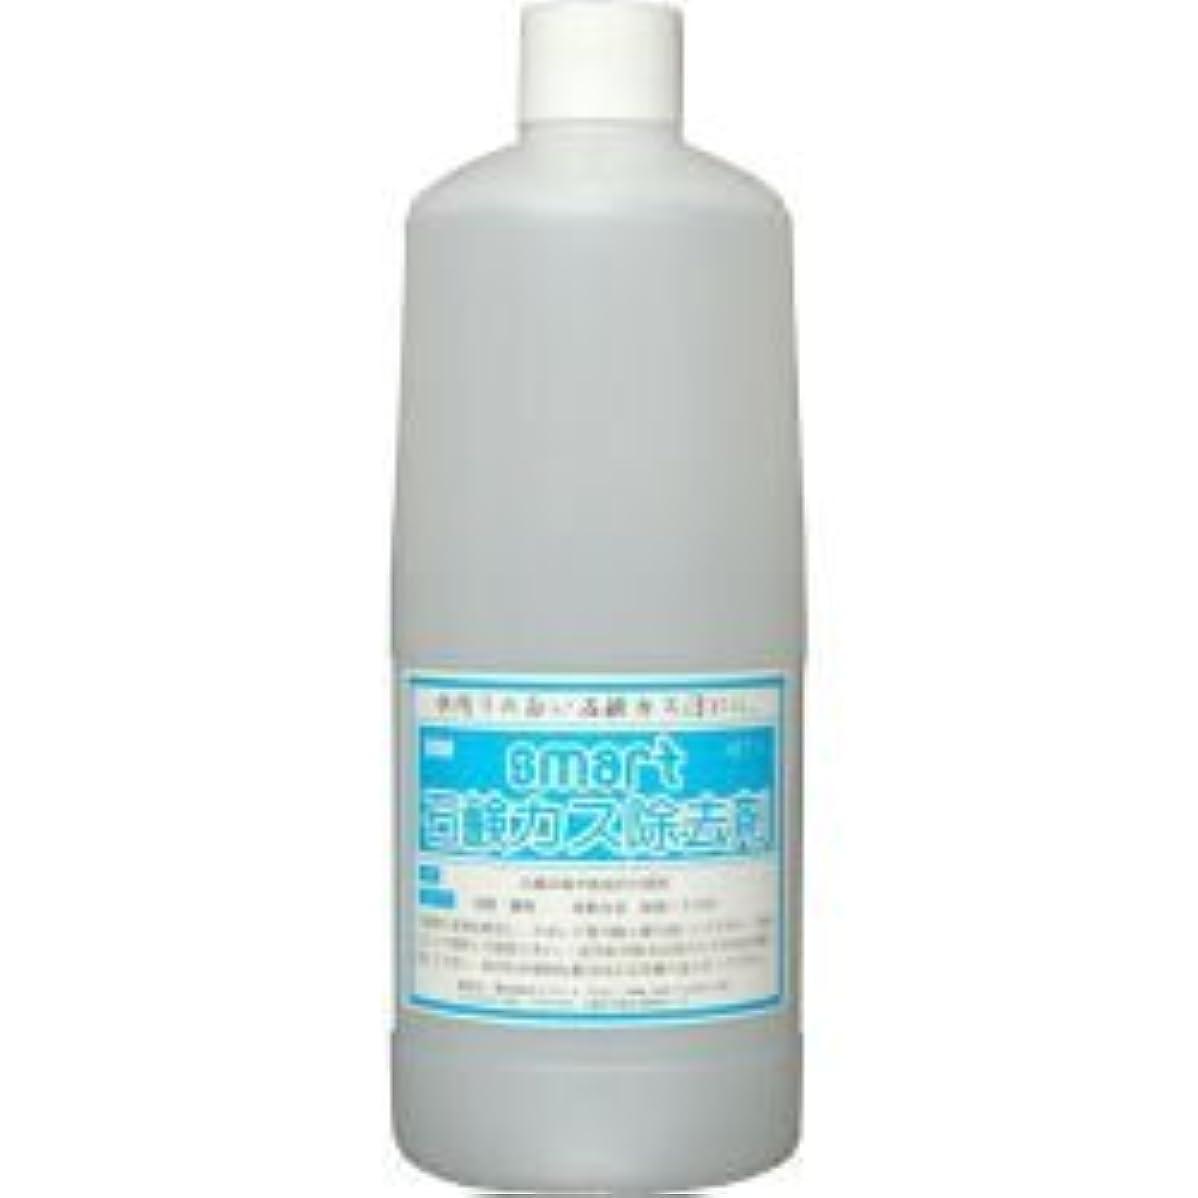 名義で無人法的スマート石鹸カス除去剤 1L